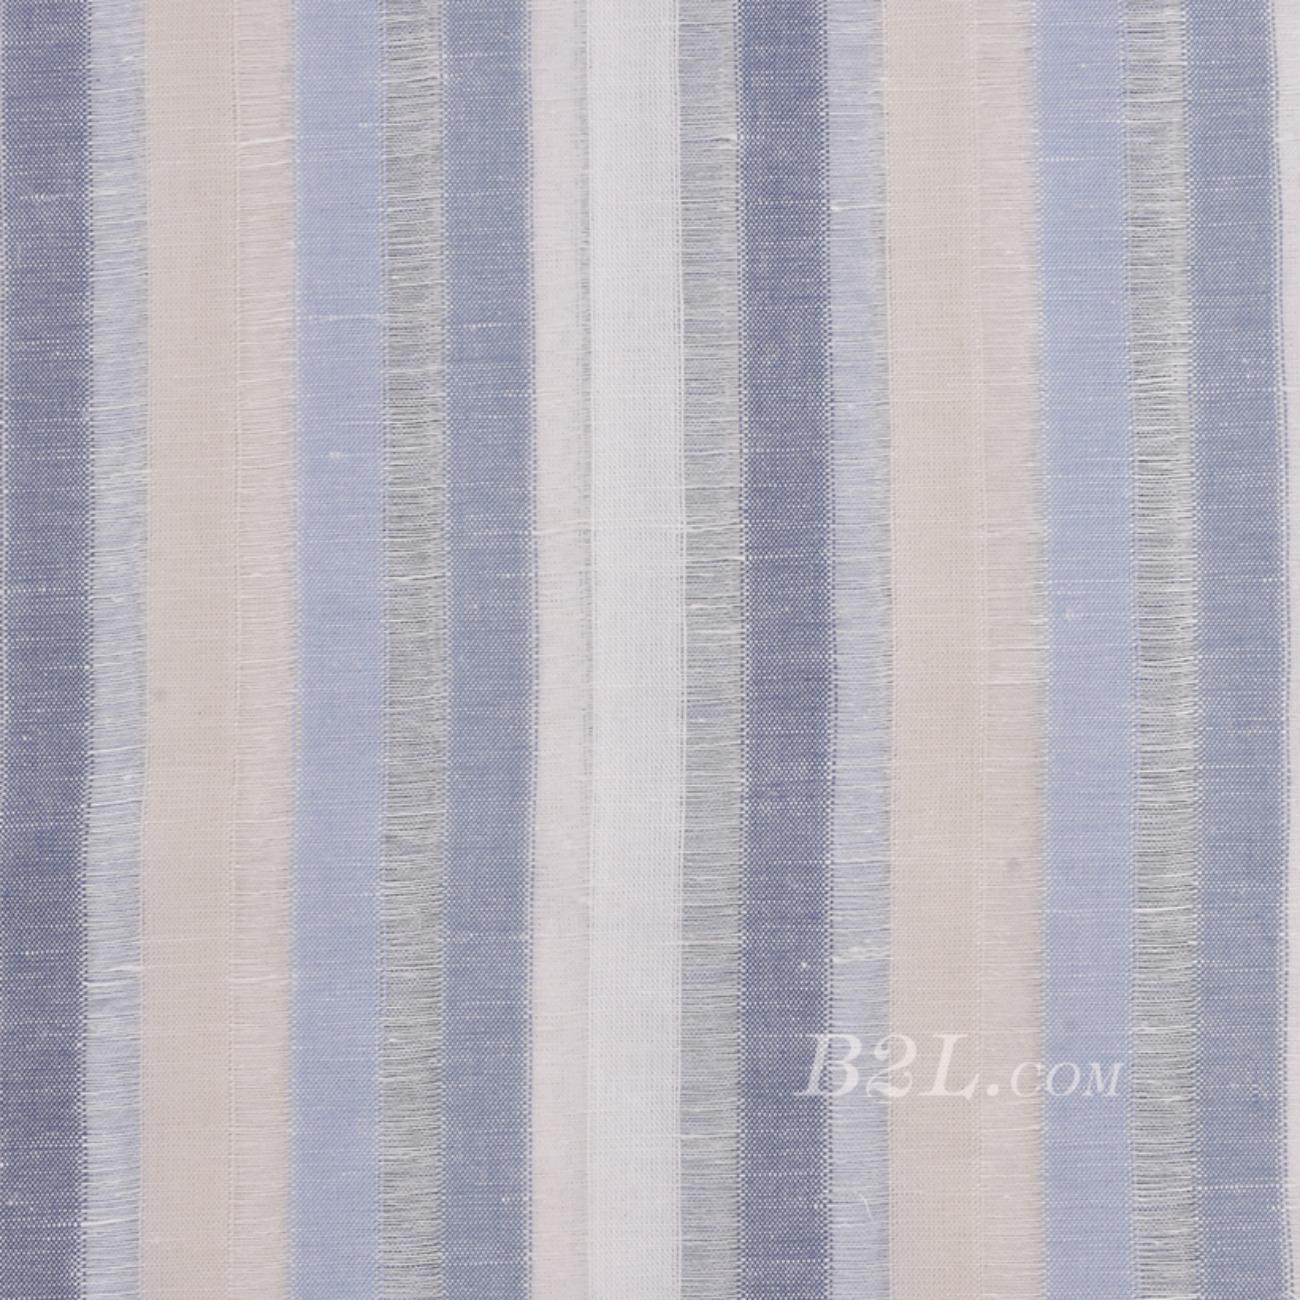 棉麻 梭织 条纹 小提花 染色 低弹 麻感 春秋 外套 连衣裙 短裙 裤装  80912-13